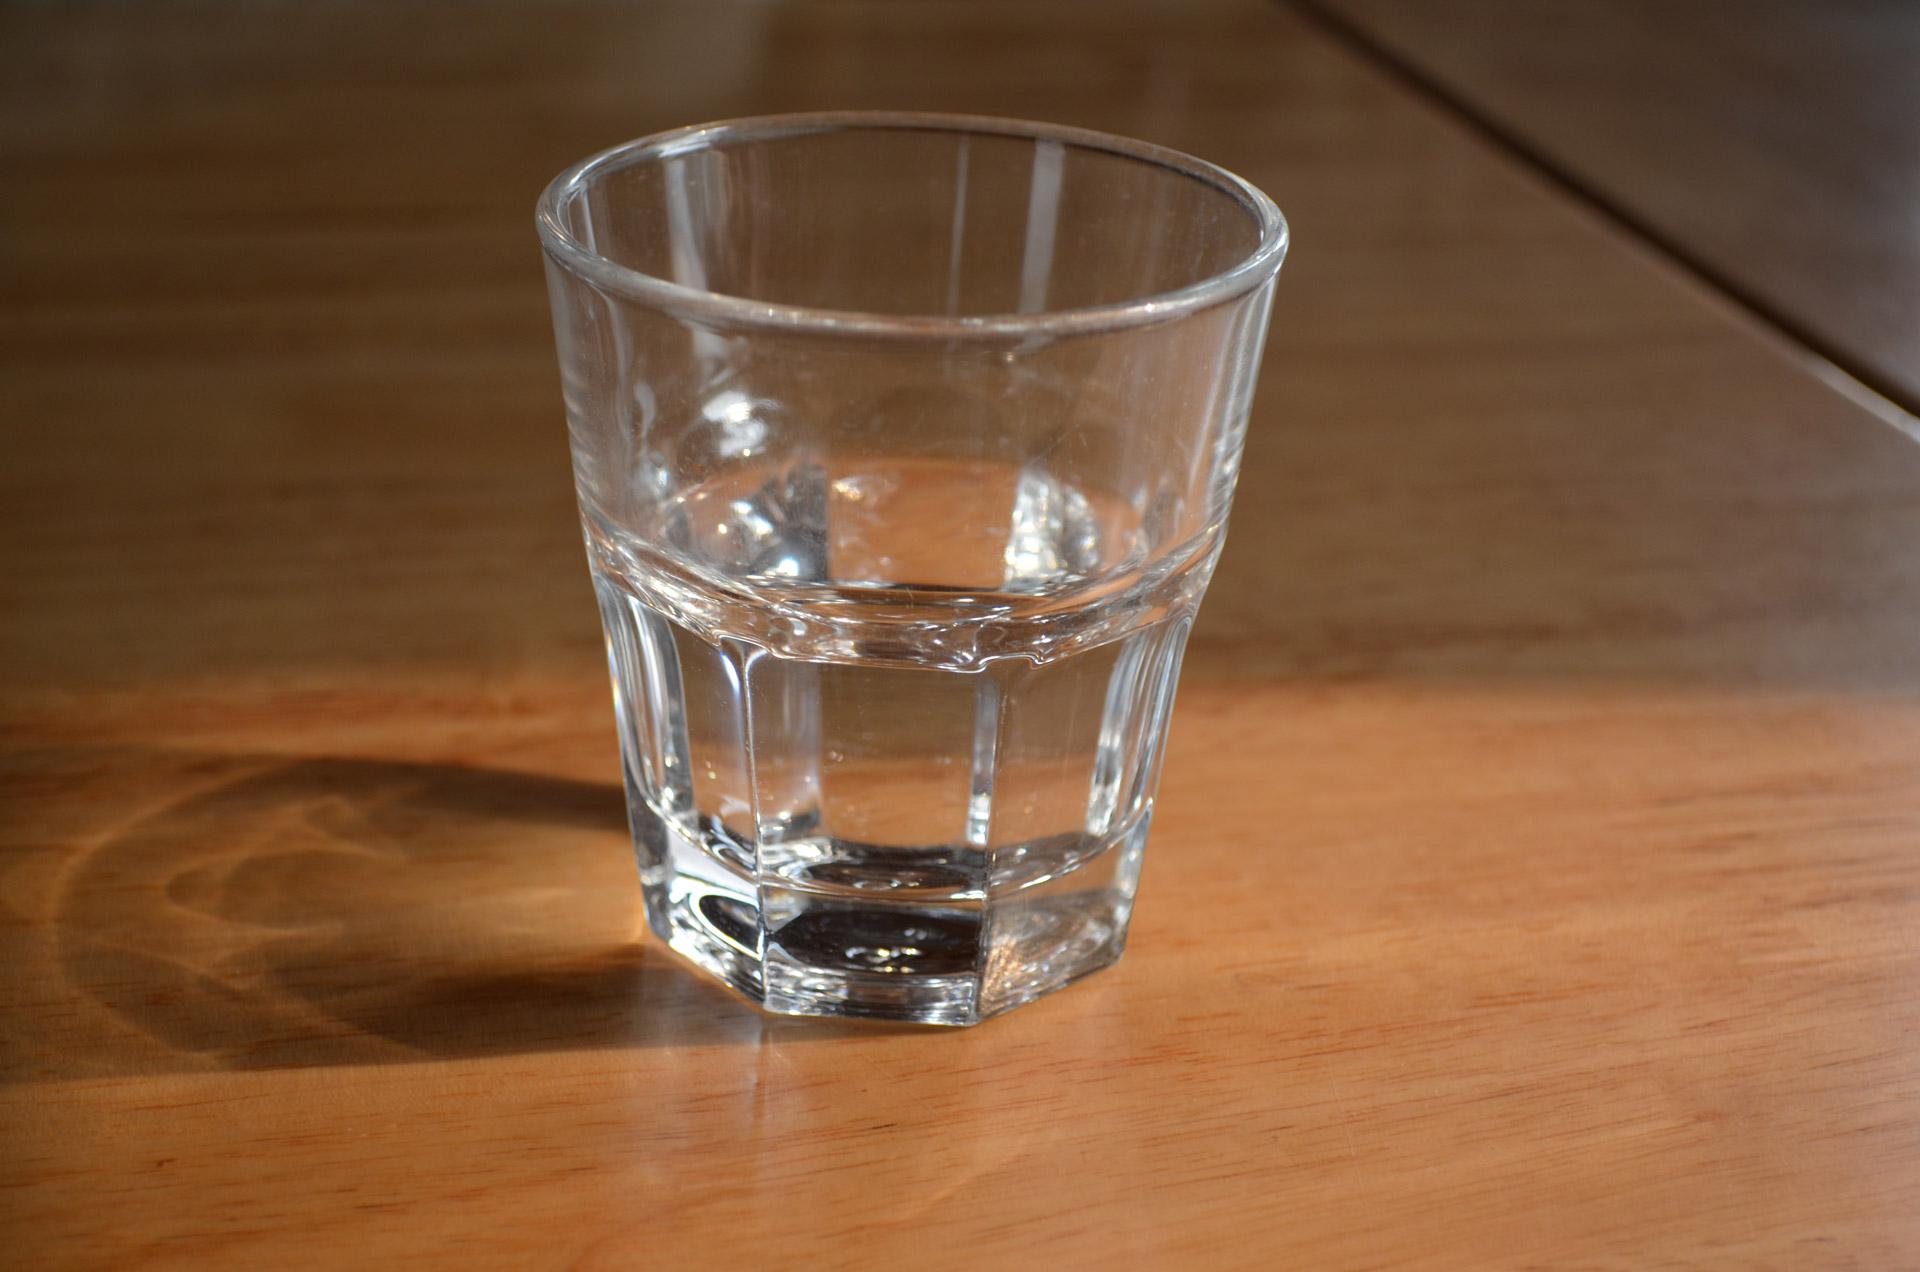 Фото стакана с водой